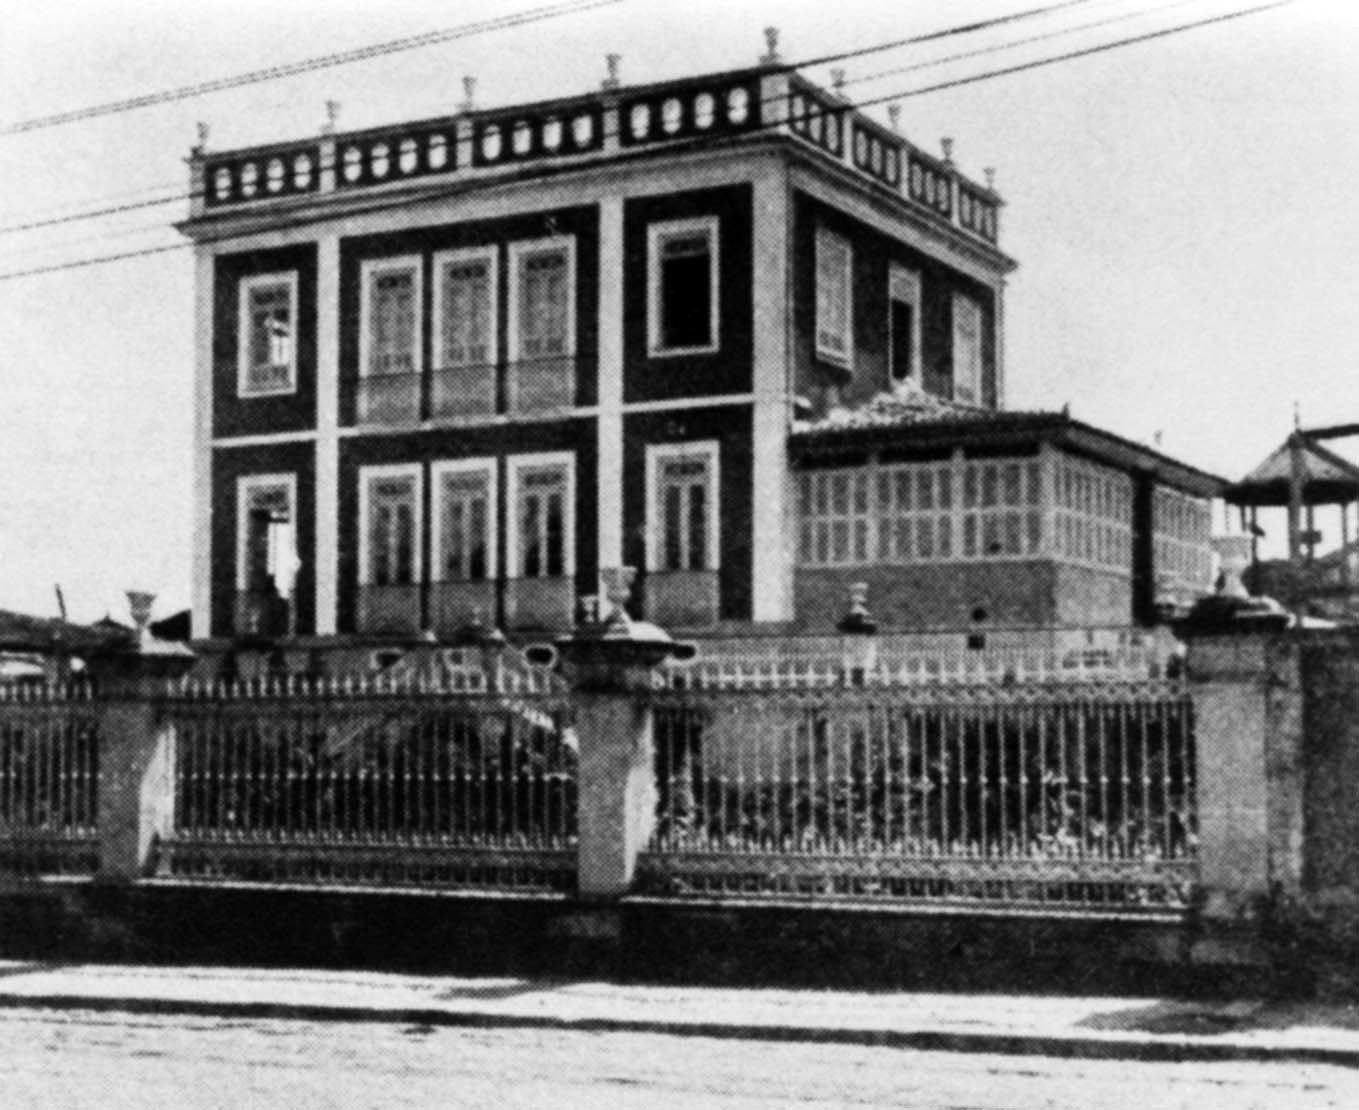 Anúncios de Antigos Hotéis da Cidade de Manaus